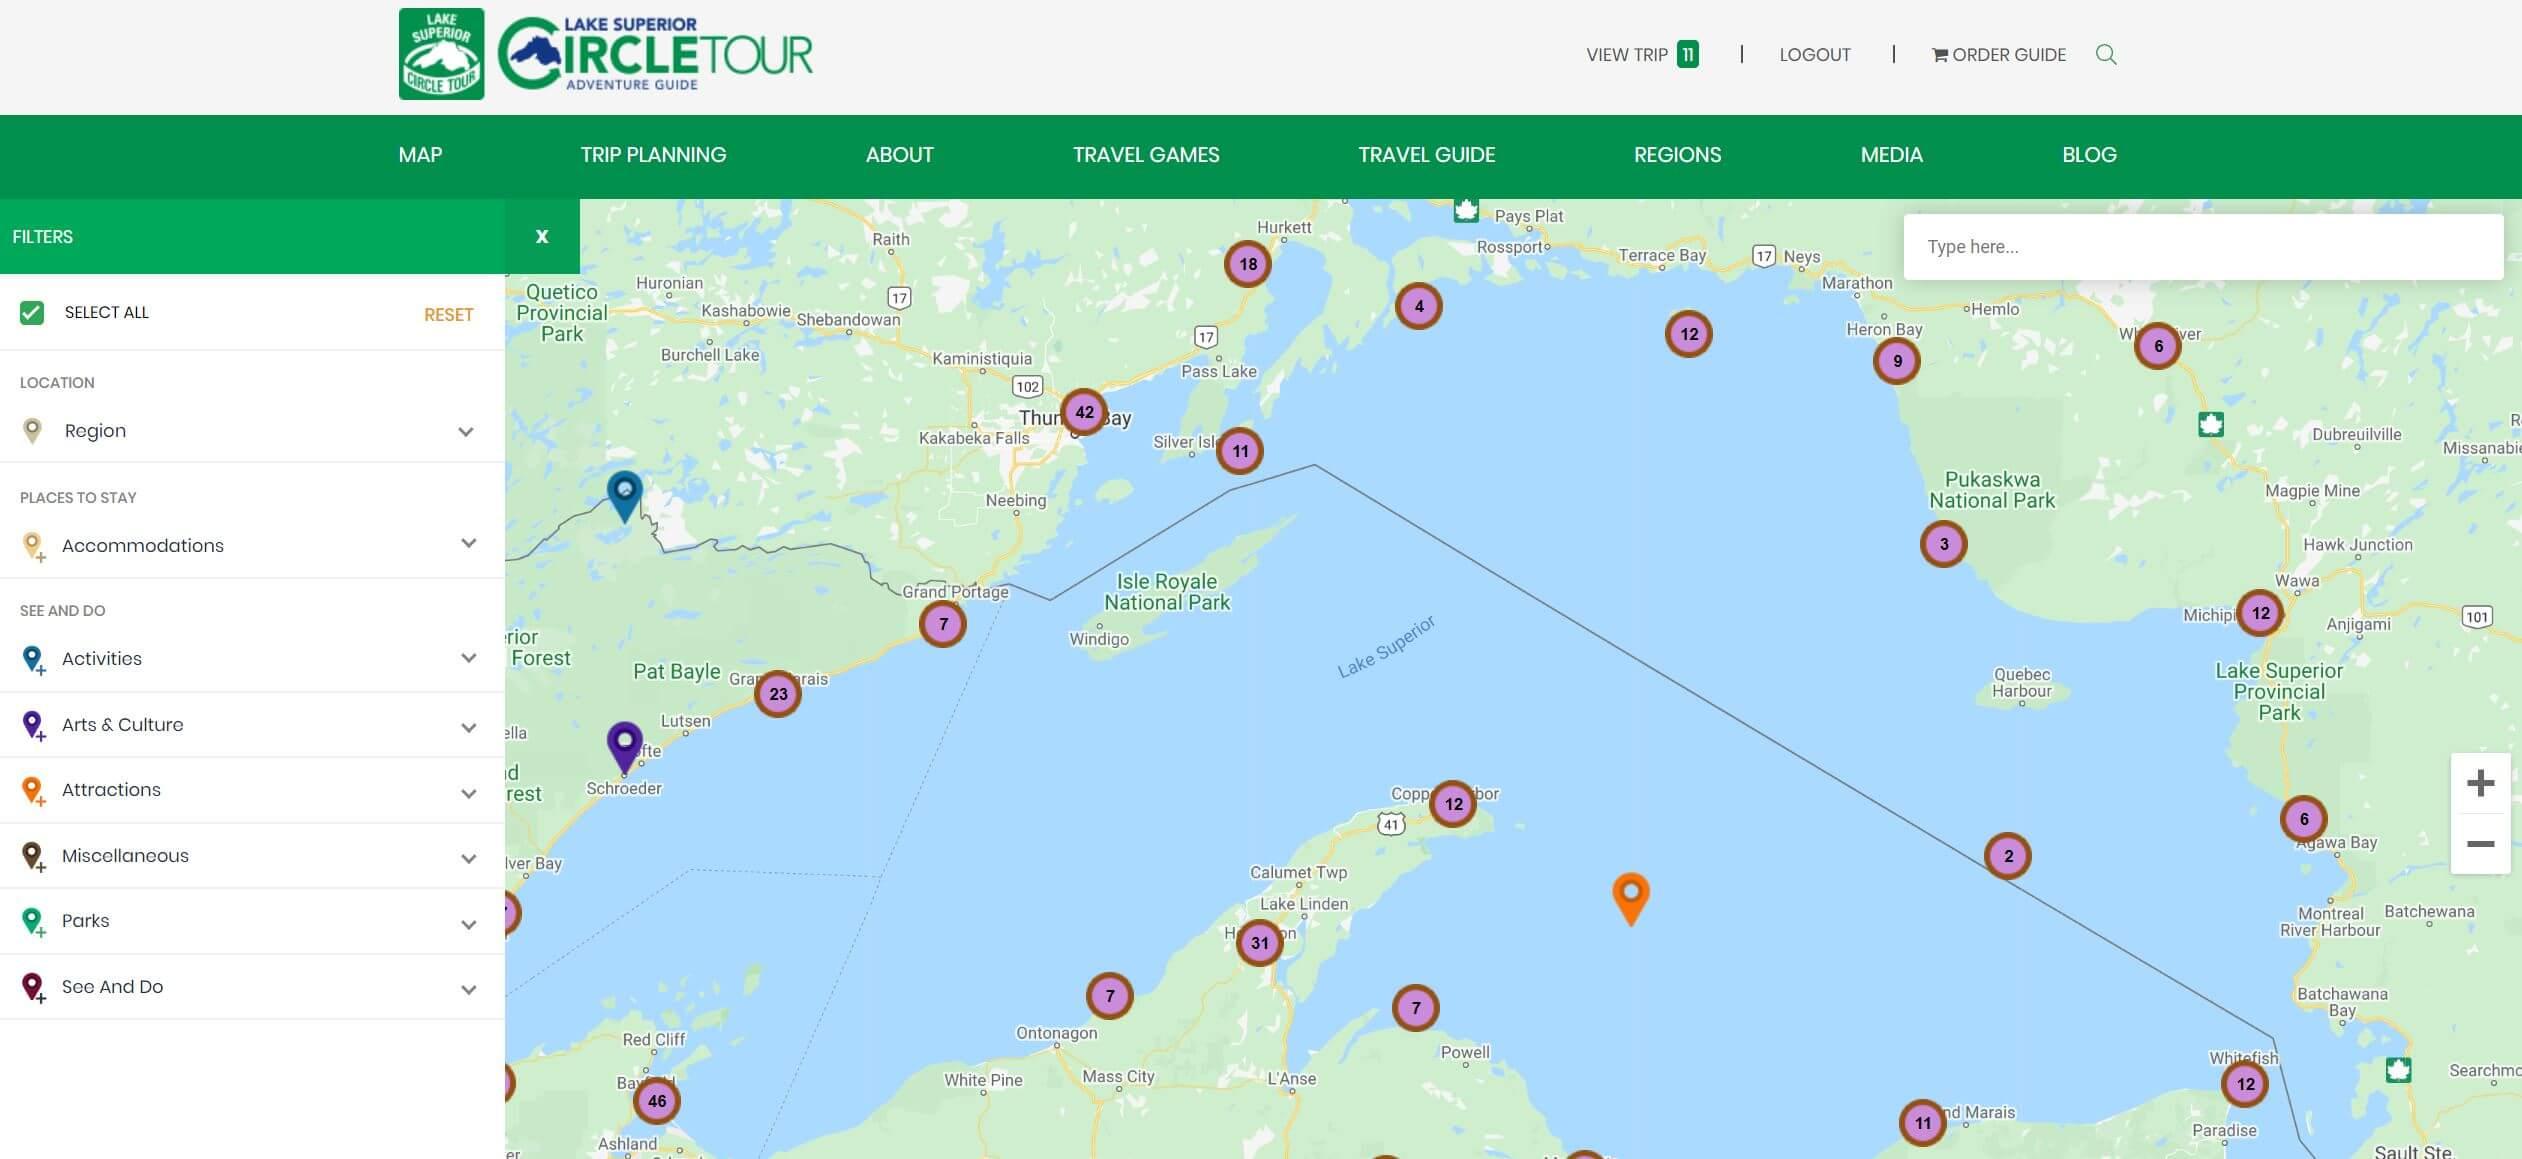 Lake Superior Circle Tour Digital Map